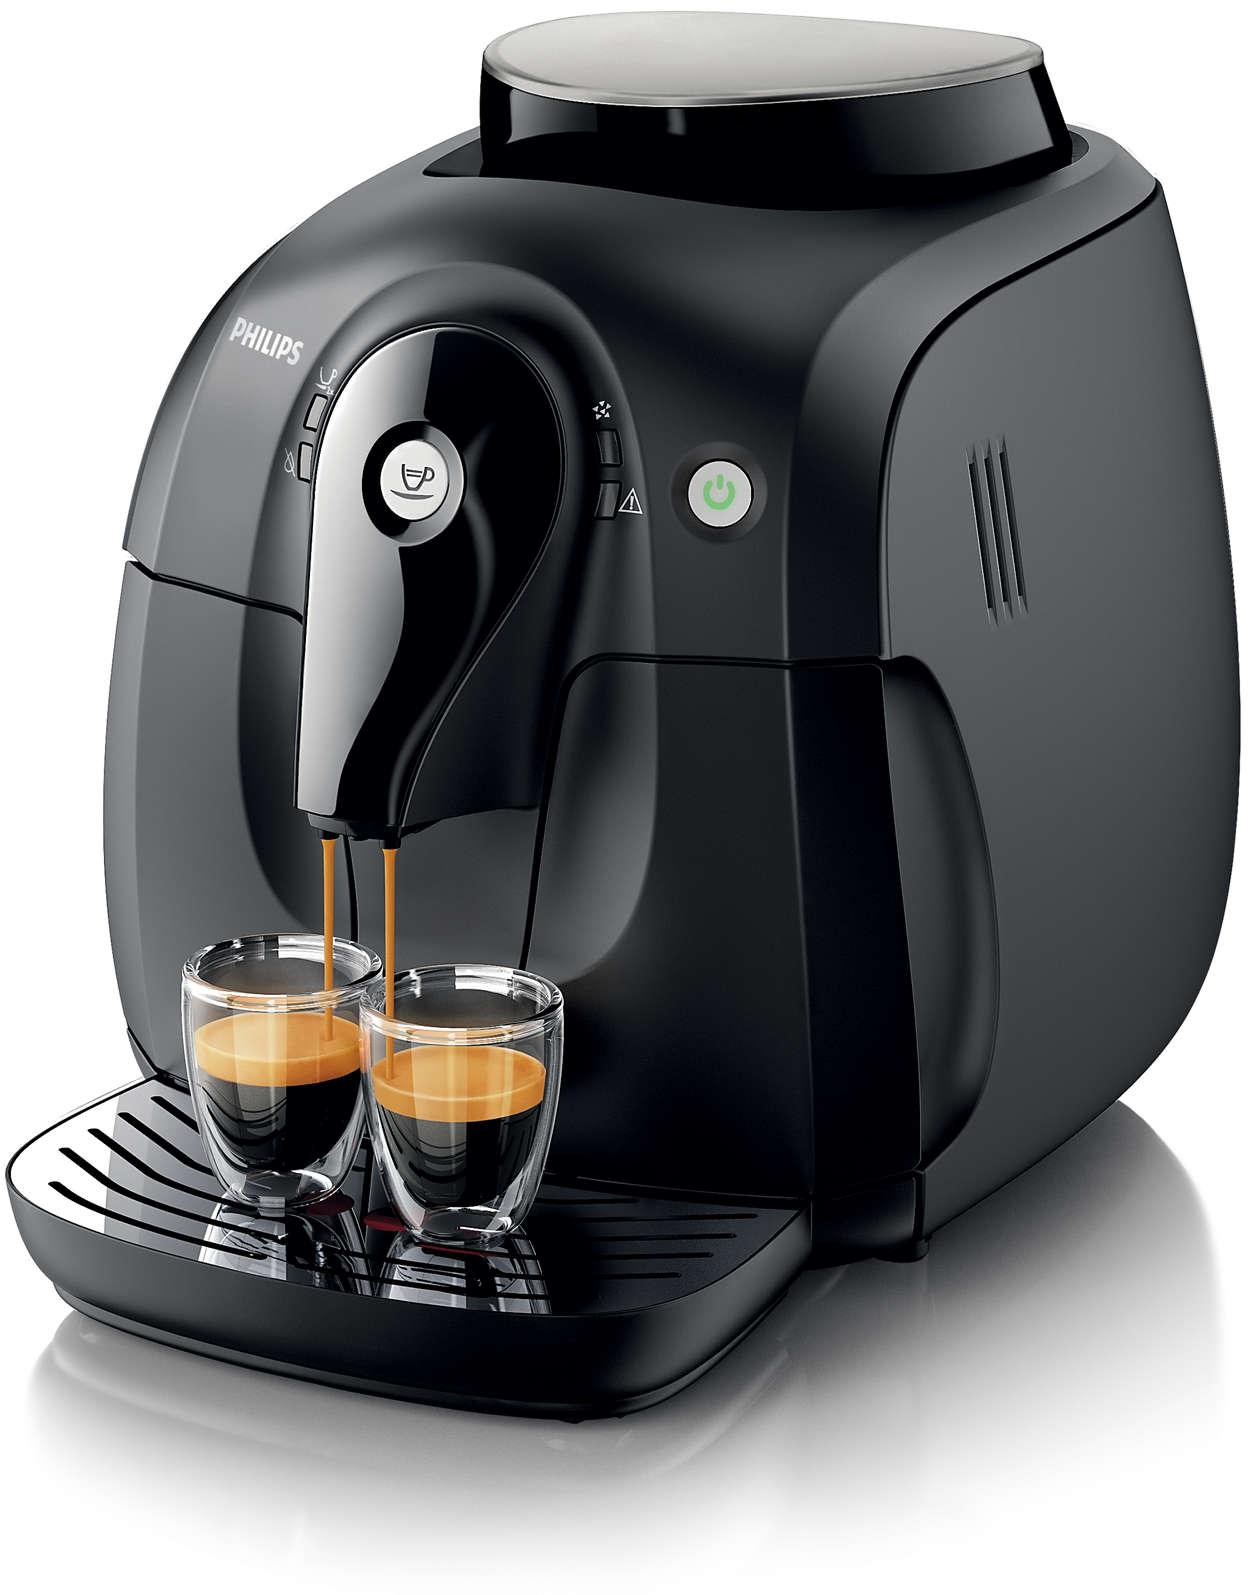 즐겨 마시는 커피 원두의 향 즐기기